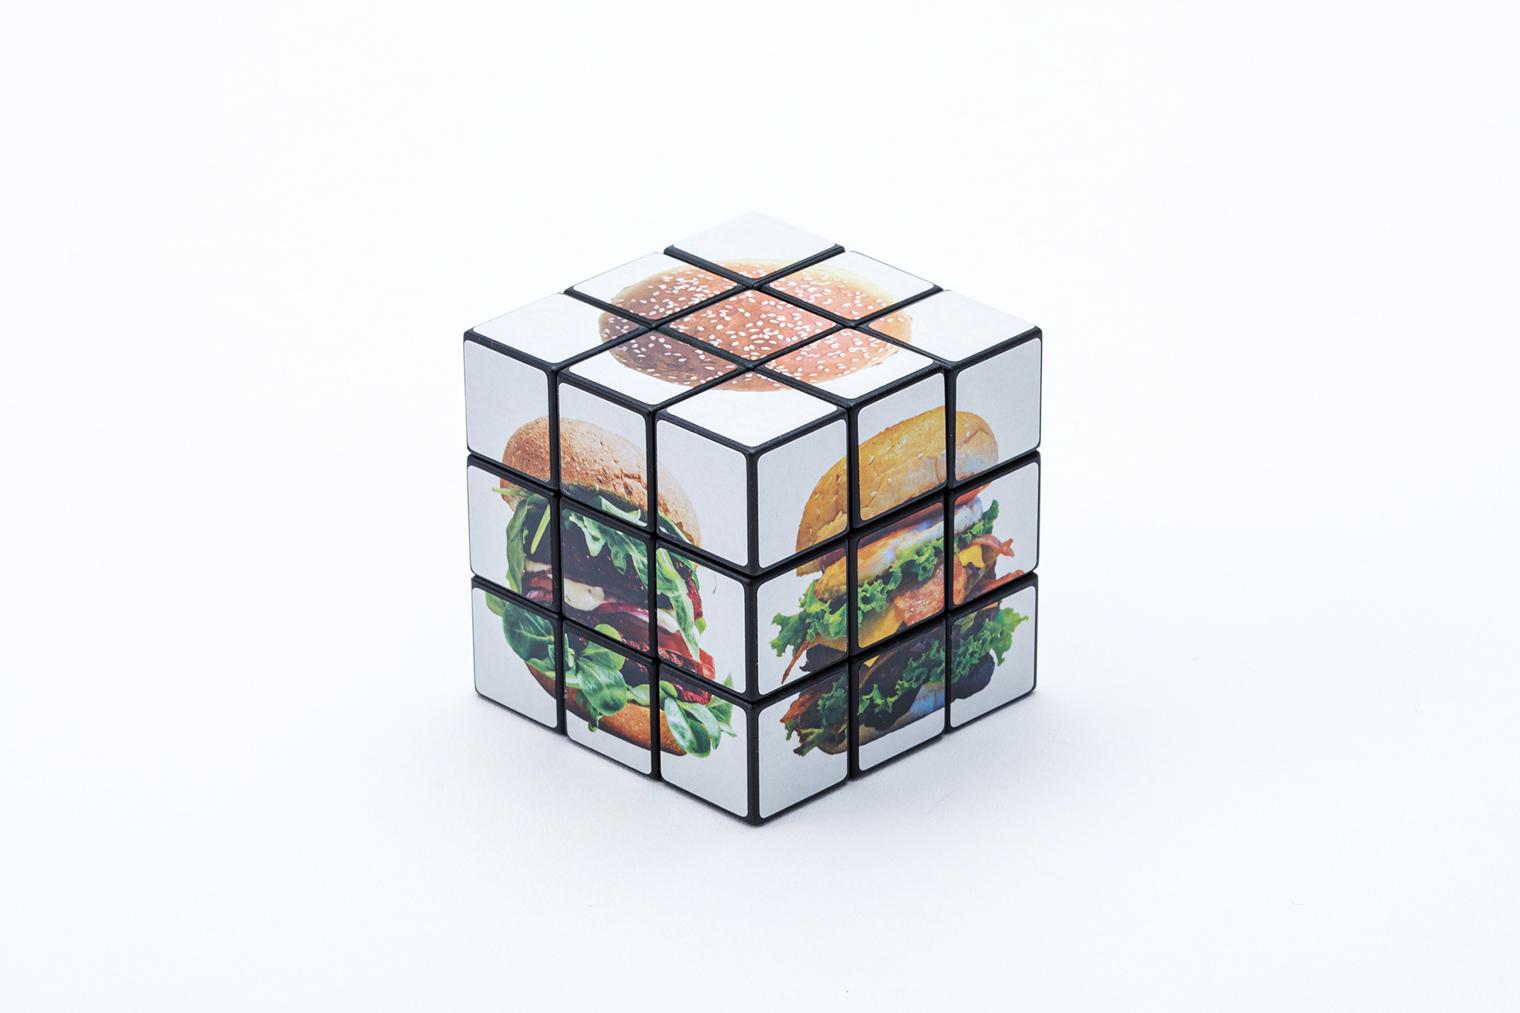 オリジナル6面パズルは幅広い年齢層に人気のあるノベルティです